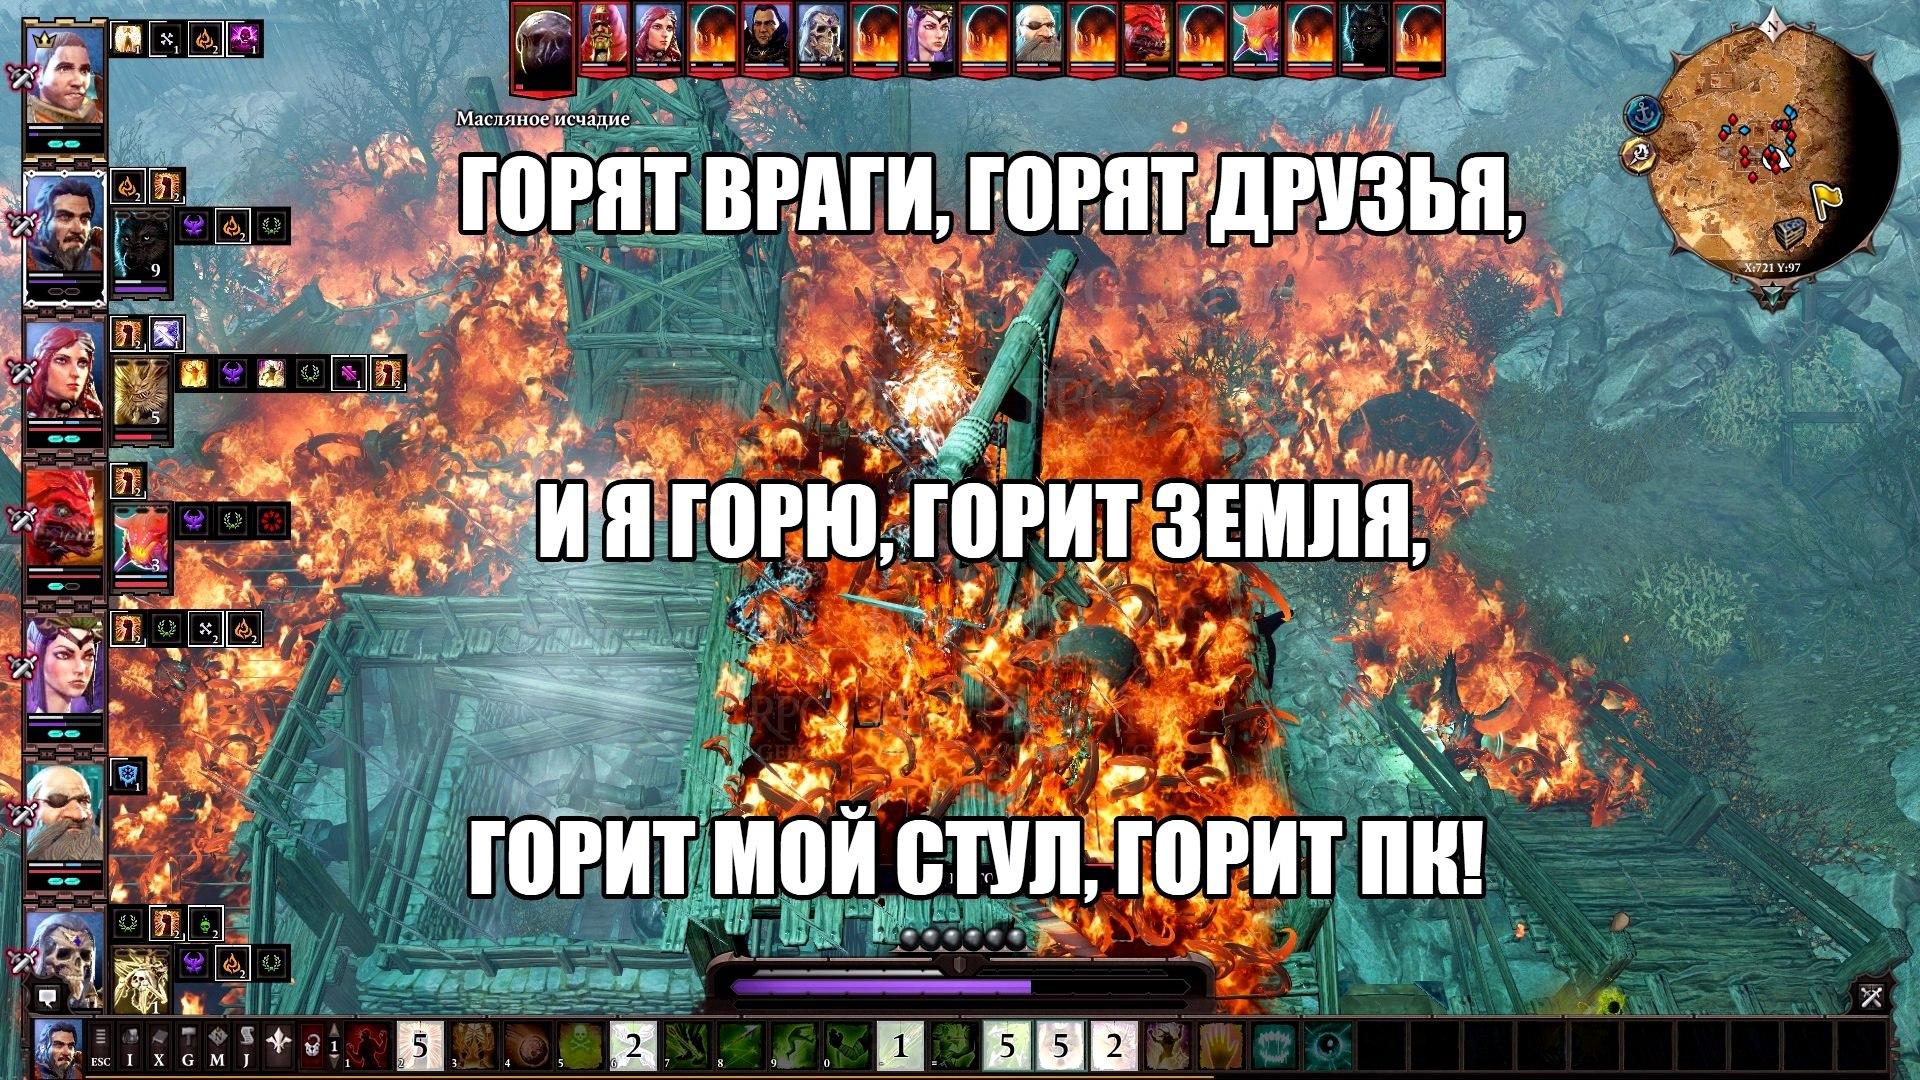 _ffbpRaQtz4.jpg